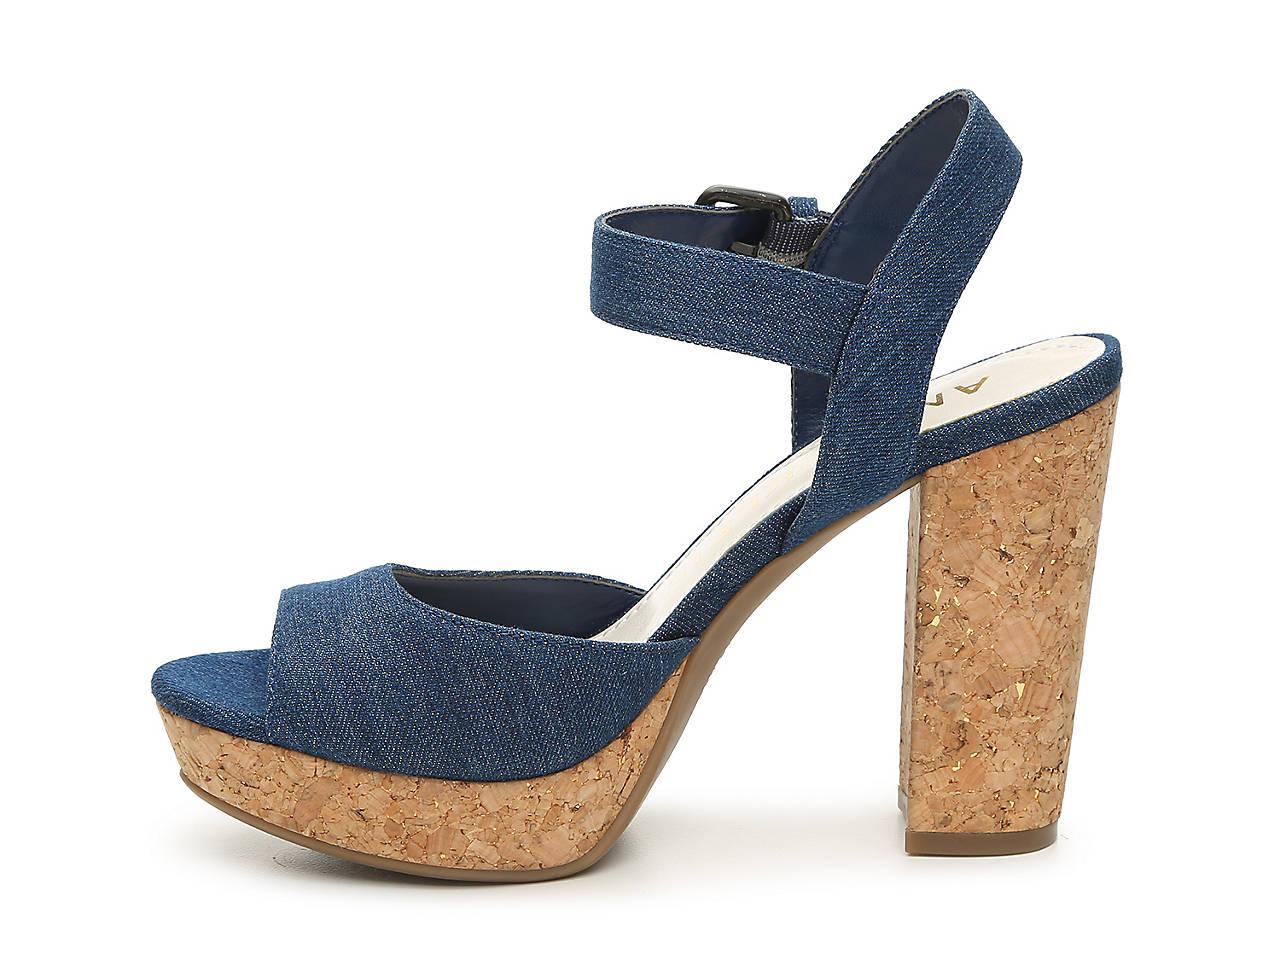 cf249a6768e4 Anne Klein Lyza Platform Sandal Women s Shoes